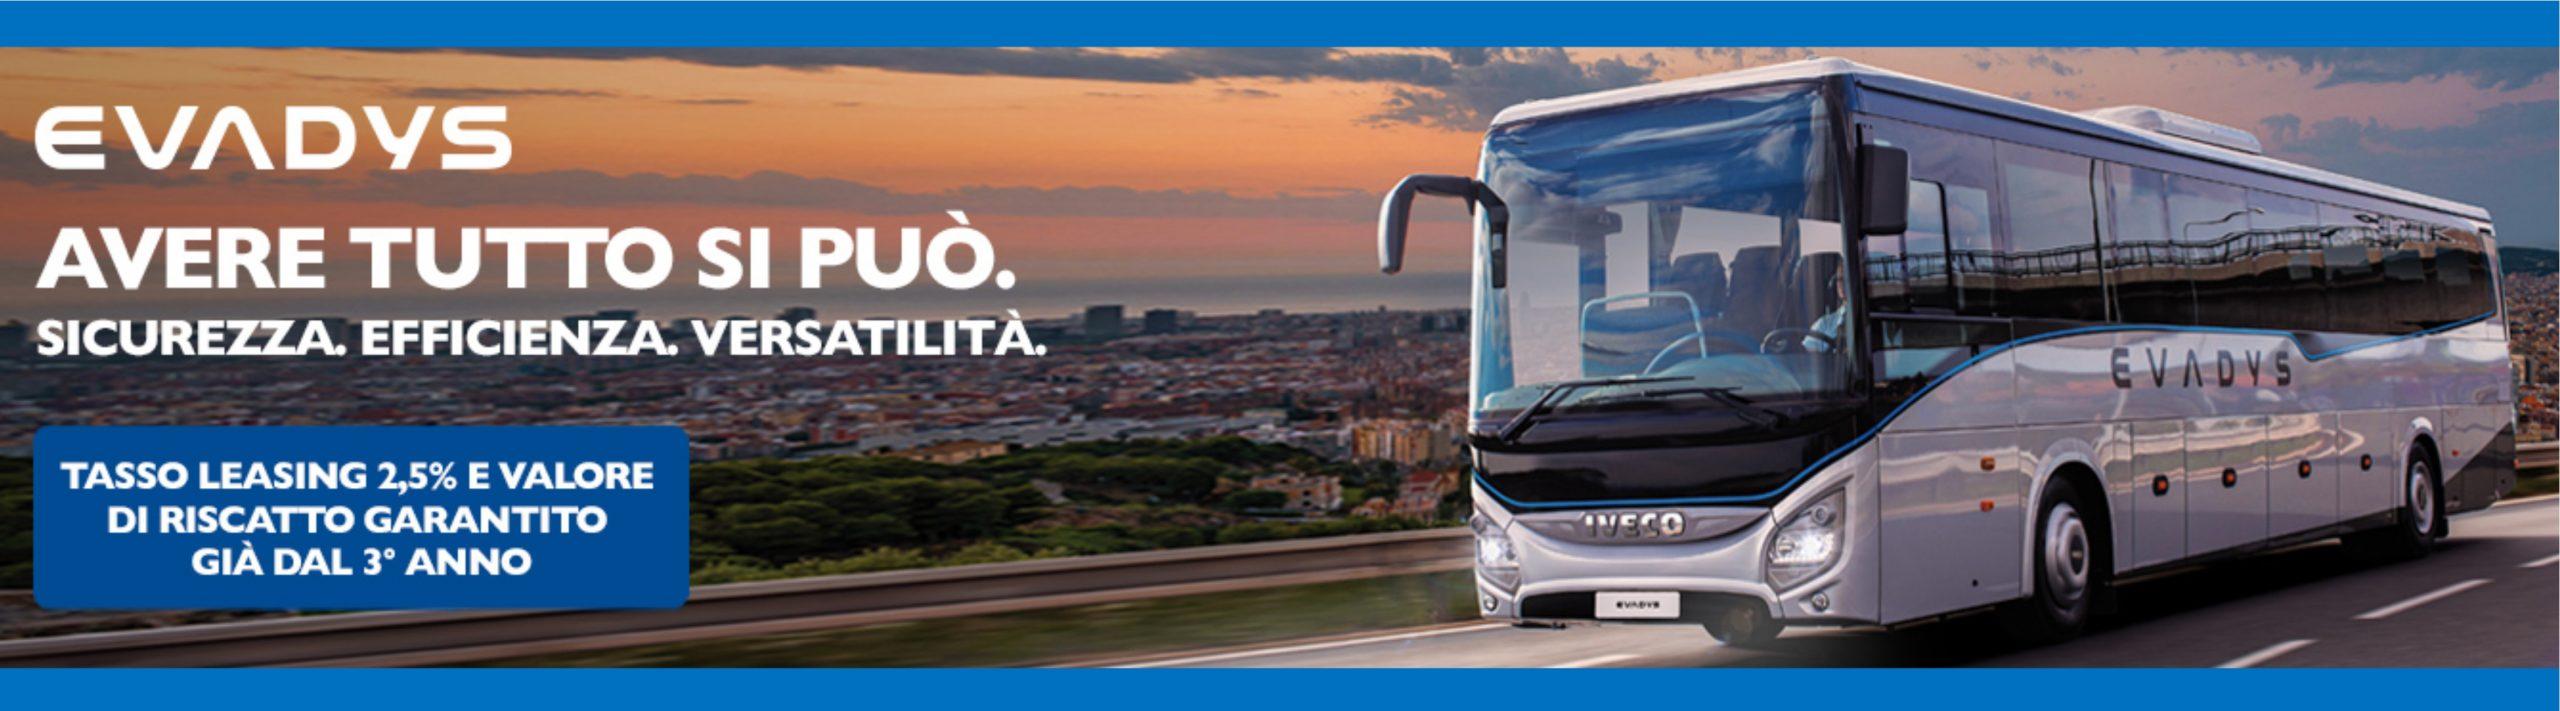 Il TUO nuovo autobus turistico? Oggi a Tasso davvero eccezionale!